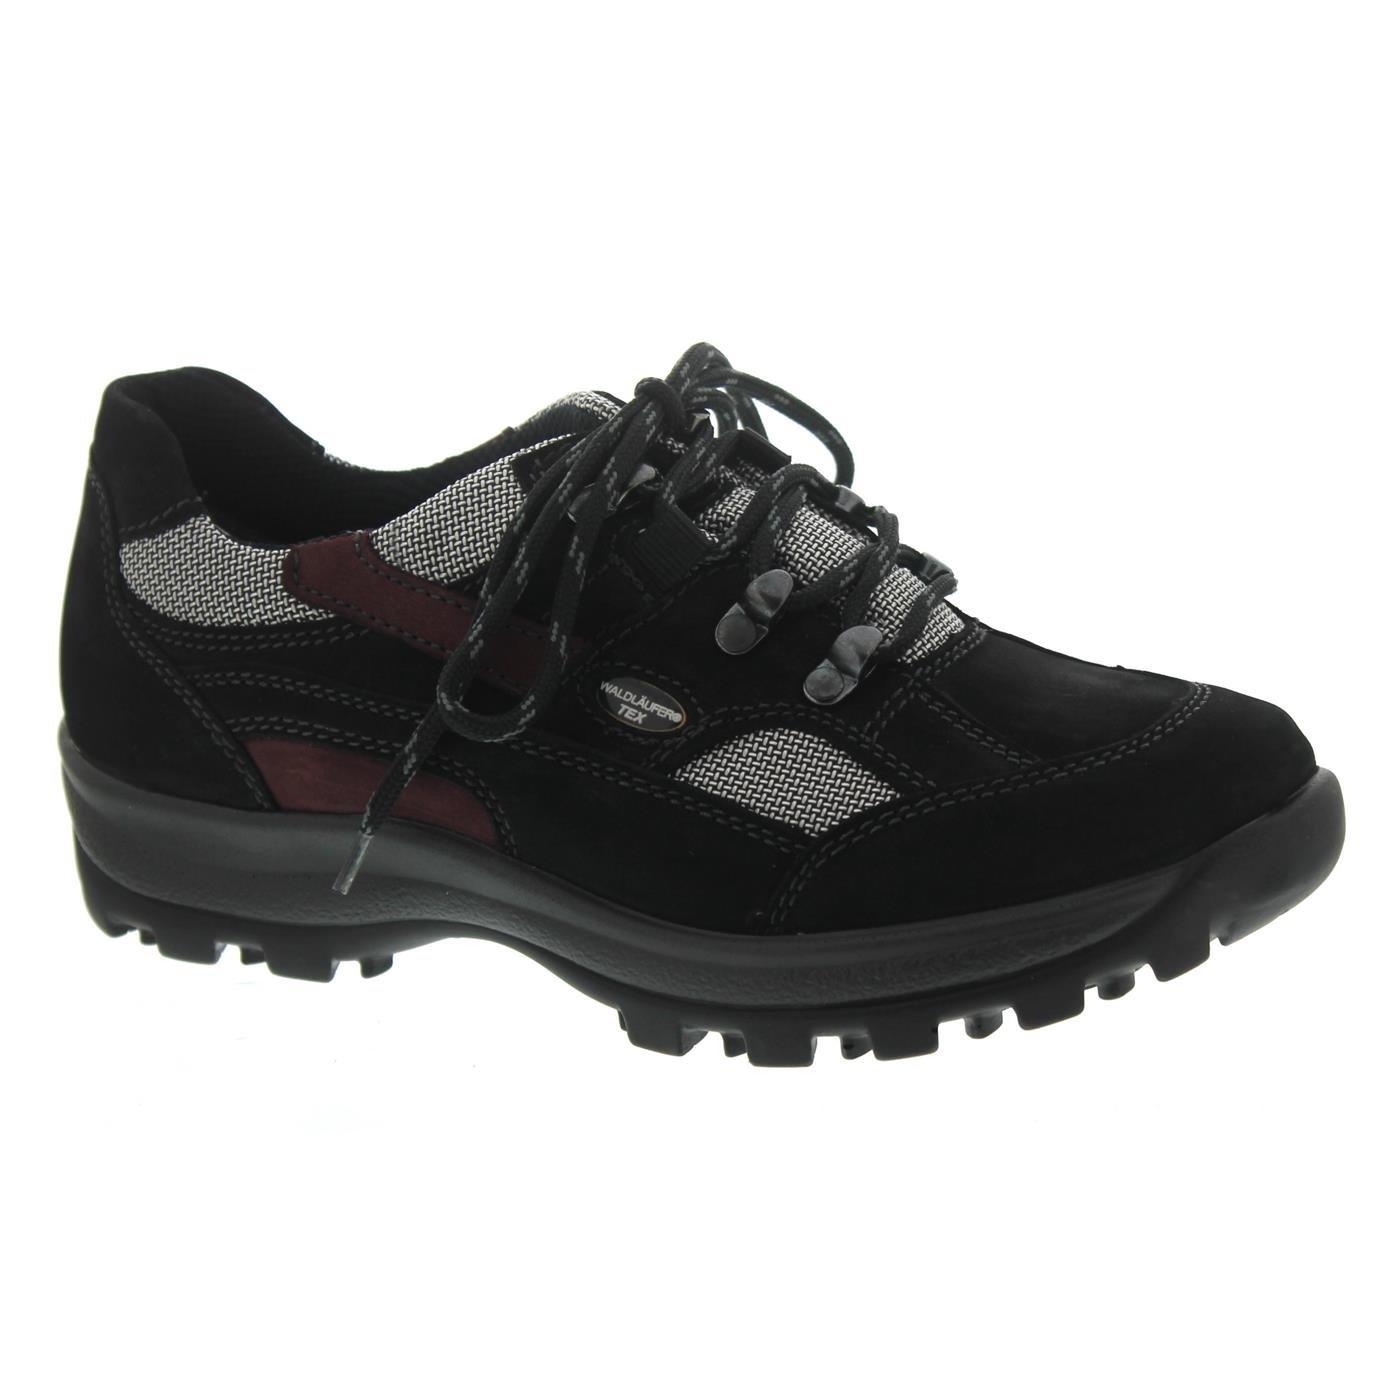 Waldläufer Damen Sportschuhe 3XDENVER TORRIX 471240494 867 schwarz 524625  | Viele Stile